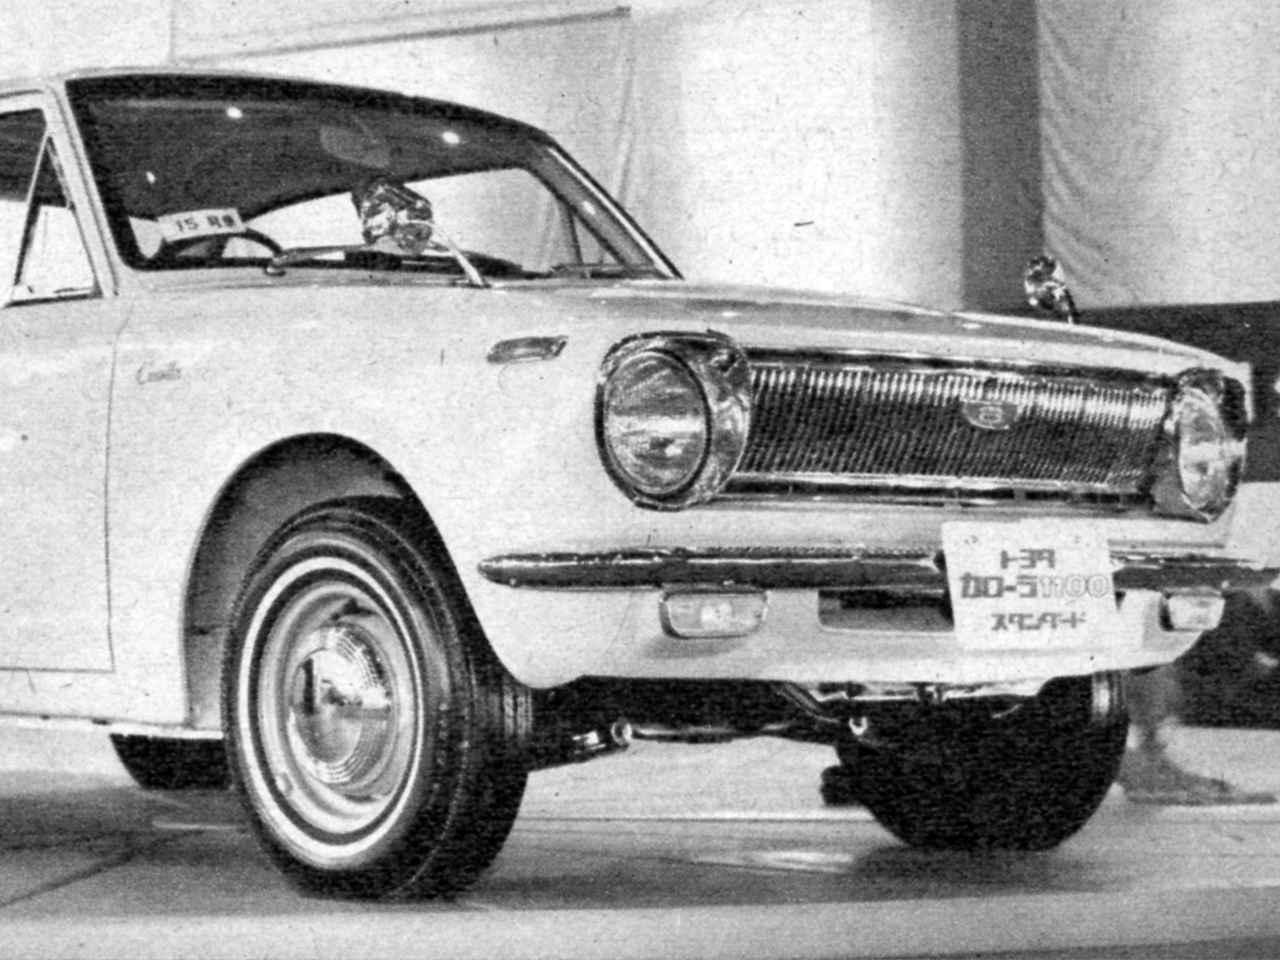 【懐かしの東京モーターショー 03】1966年、カローラがデビュー。マイカーブームがやって来た